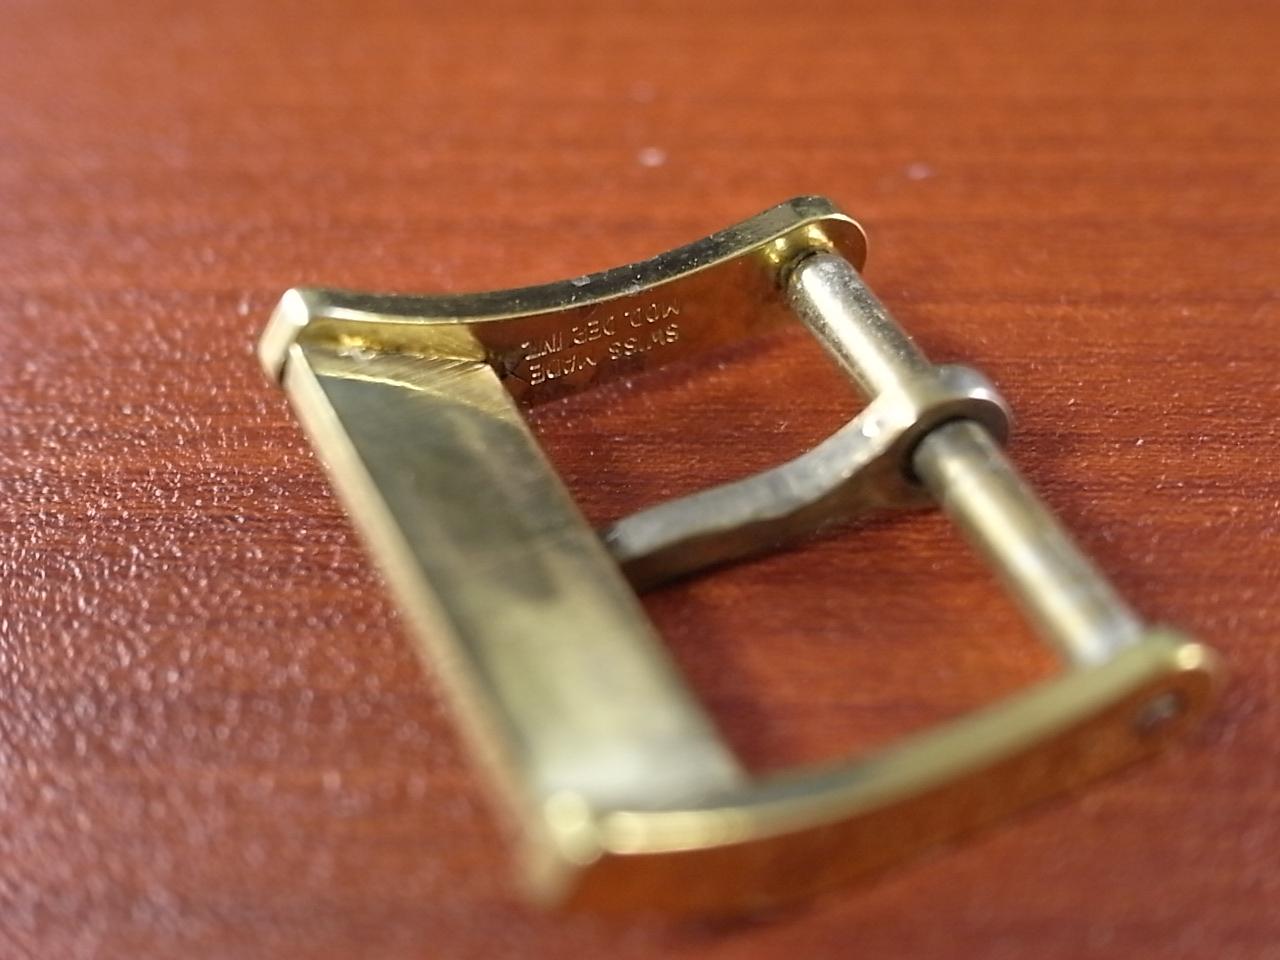 ゼニス アンティーク尾錠 GP 14mm 1960-70年代の写真4枚目